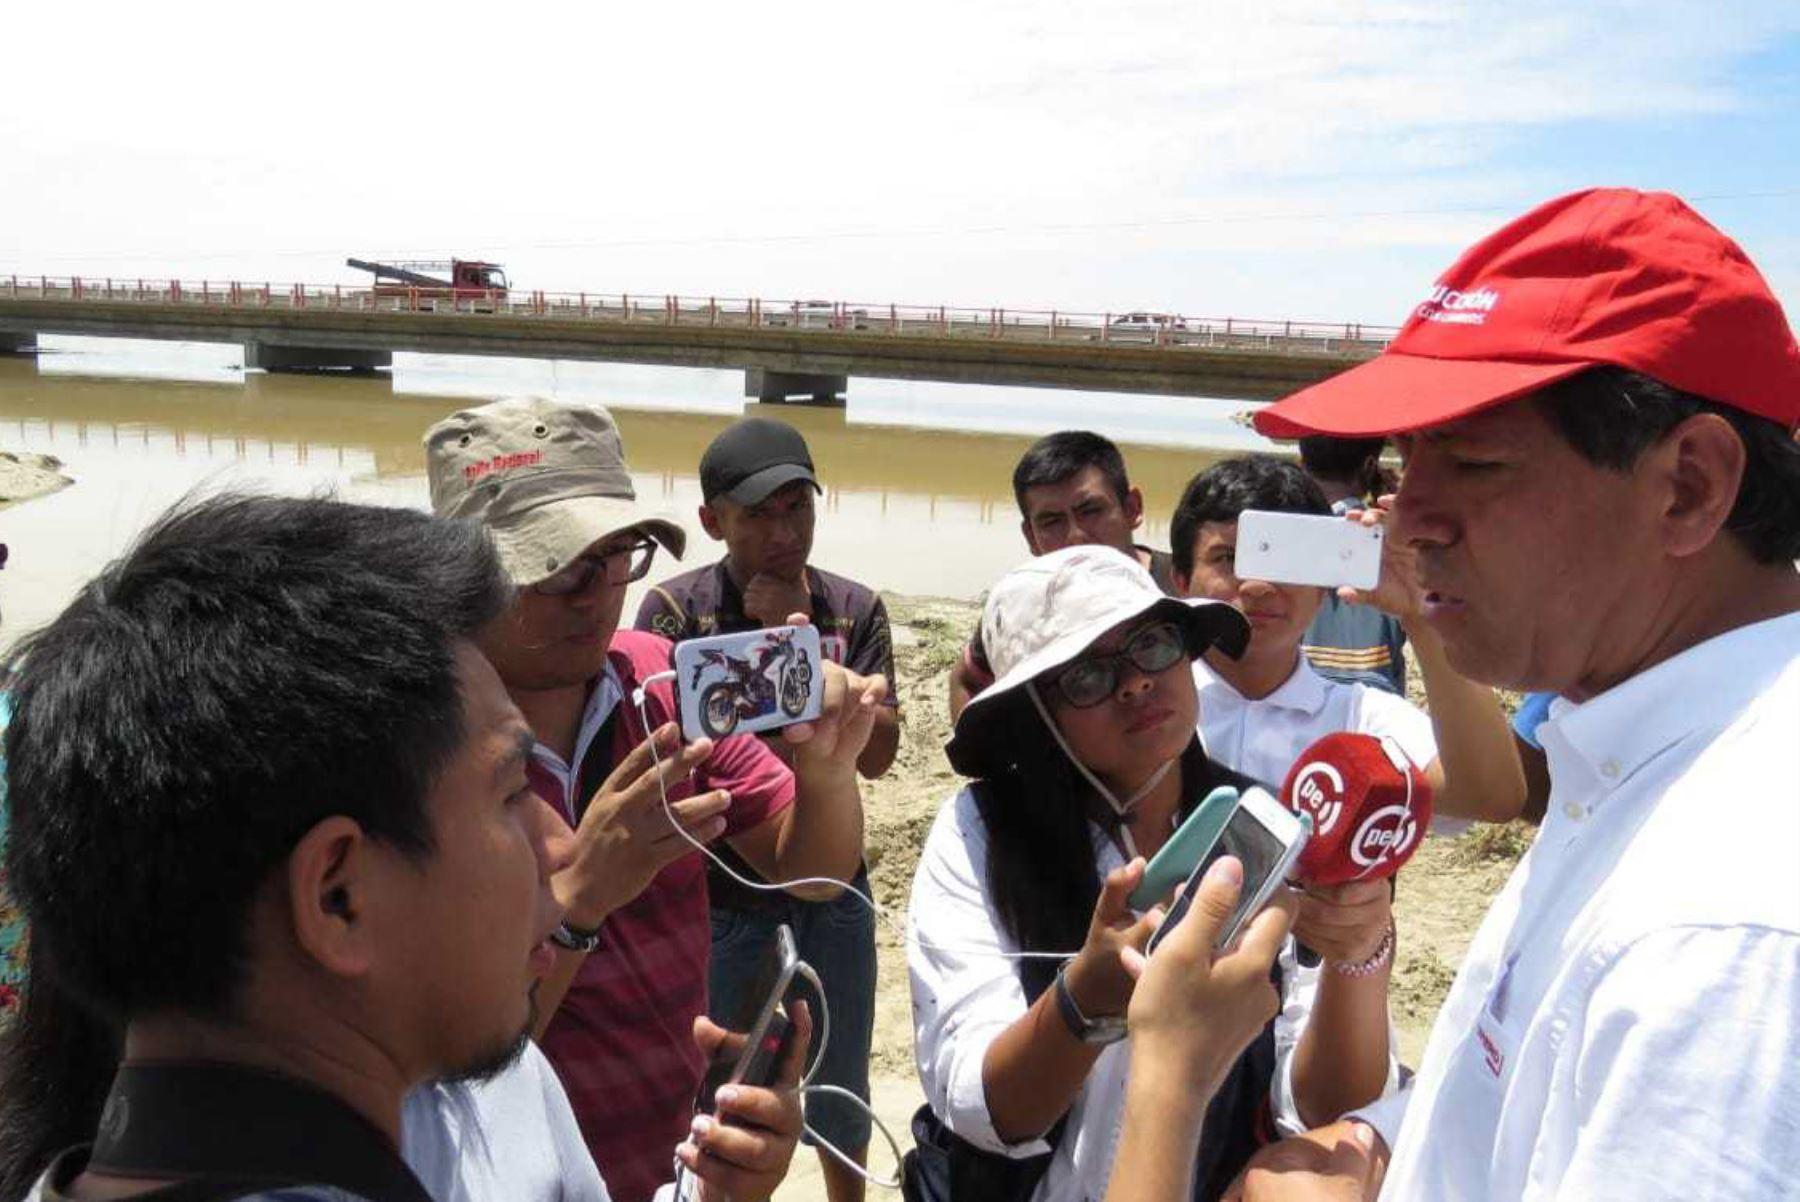 El director ejecutivo de la Autoridad para la Reconstrucción con Cambios (ARCC), Edgar Quispe Remón, afirmó que la implementación de las soluciones integrales es la respuesta definitiva para mitigar la vulnerabilidad en el río Piura, y expresó su confianza en que el gobierno regional tomará las mejores decisiones para que dichas soluciones se encaminen pronto.